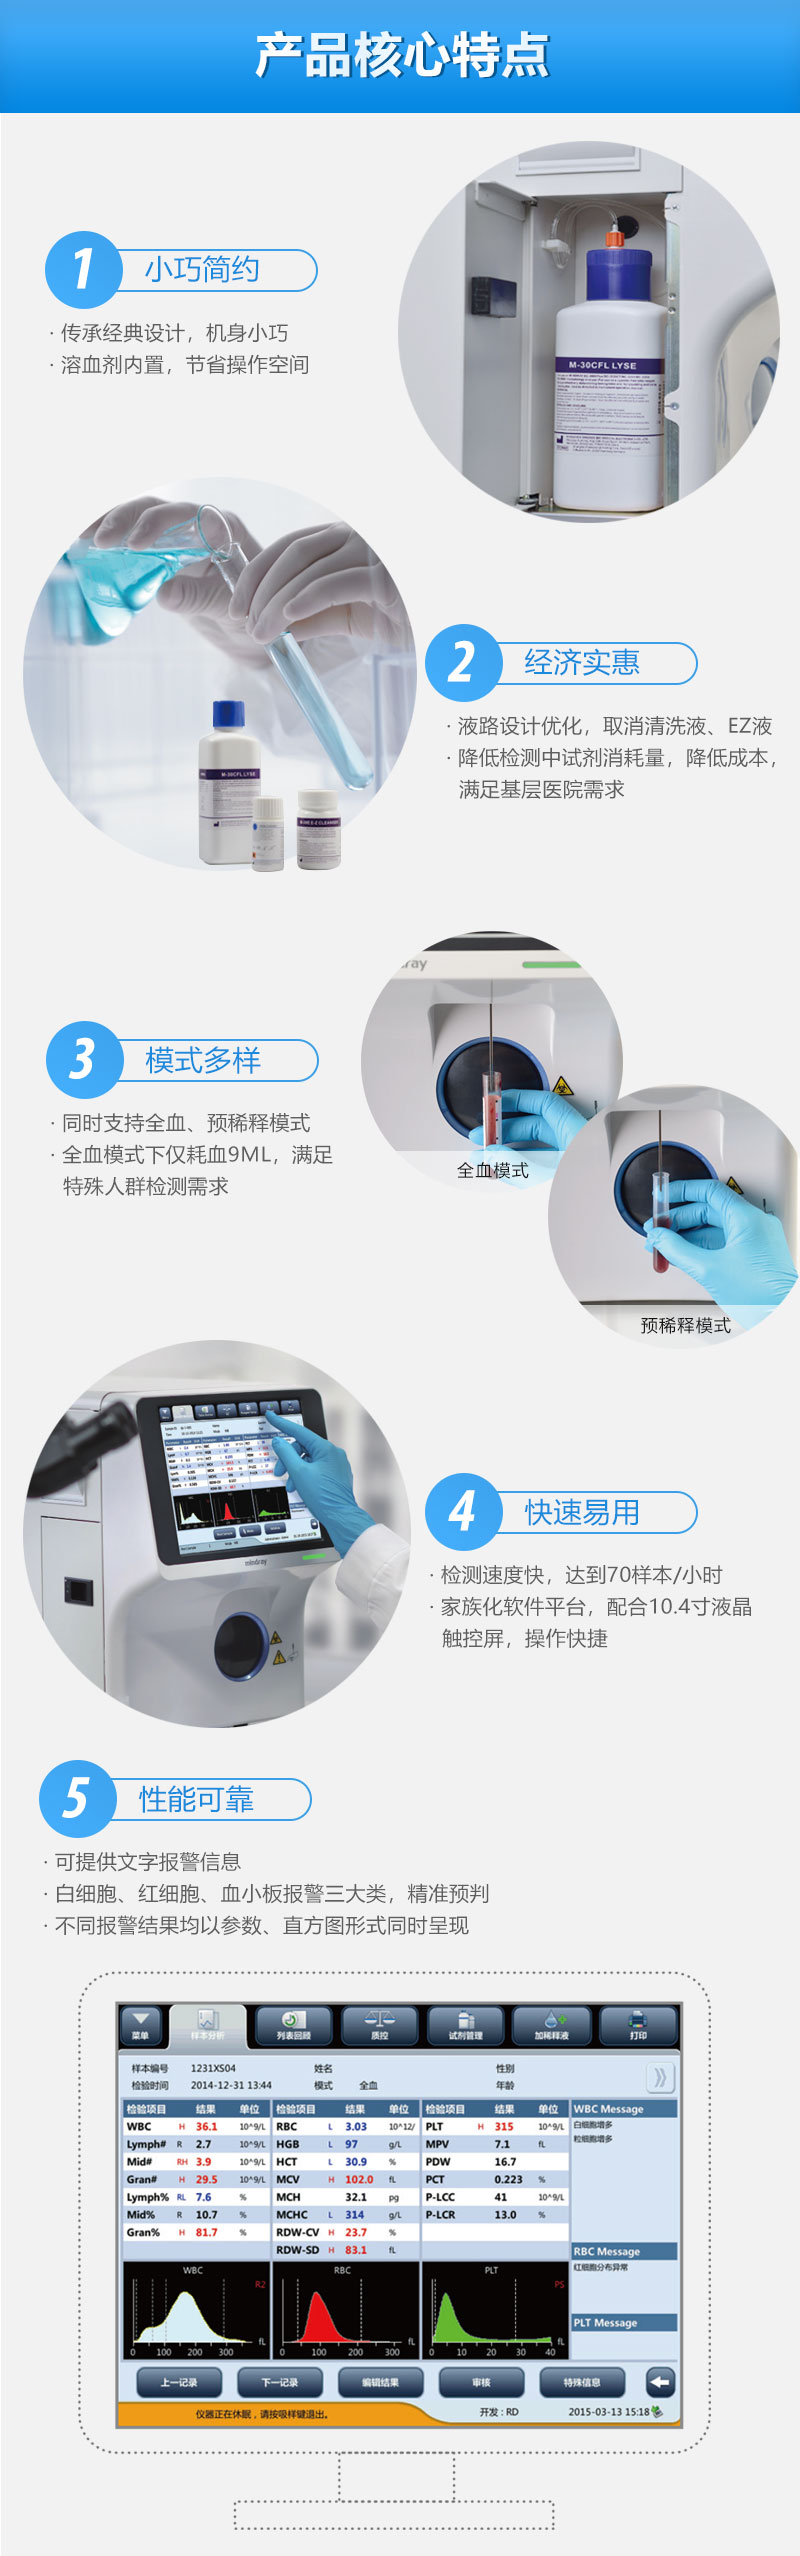 迈瑞全自动三分群血液细胞分析仪BC-30S核心特点,小巧简约,经济实惠,模式多样,快速易用,性能可靠